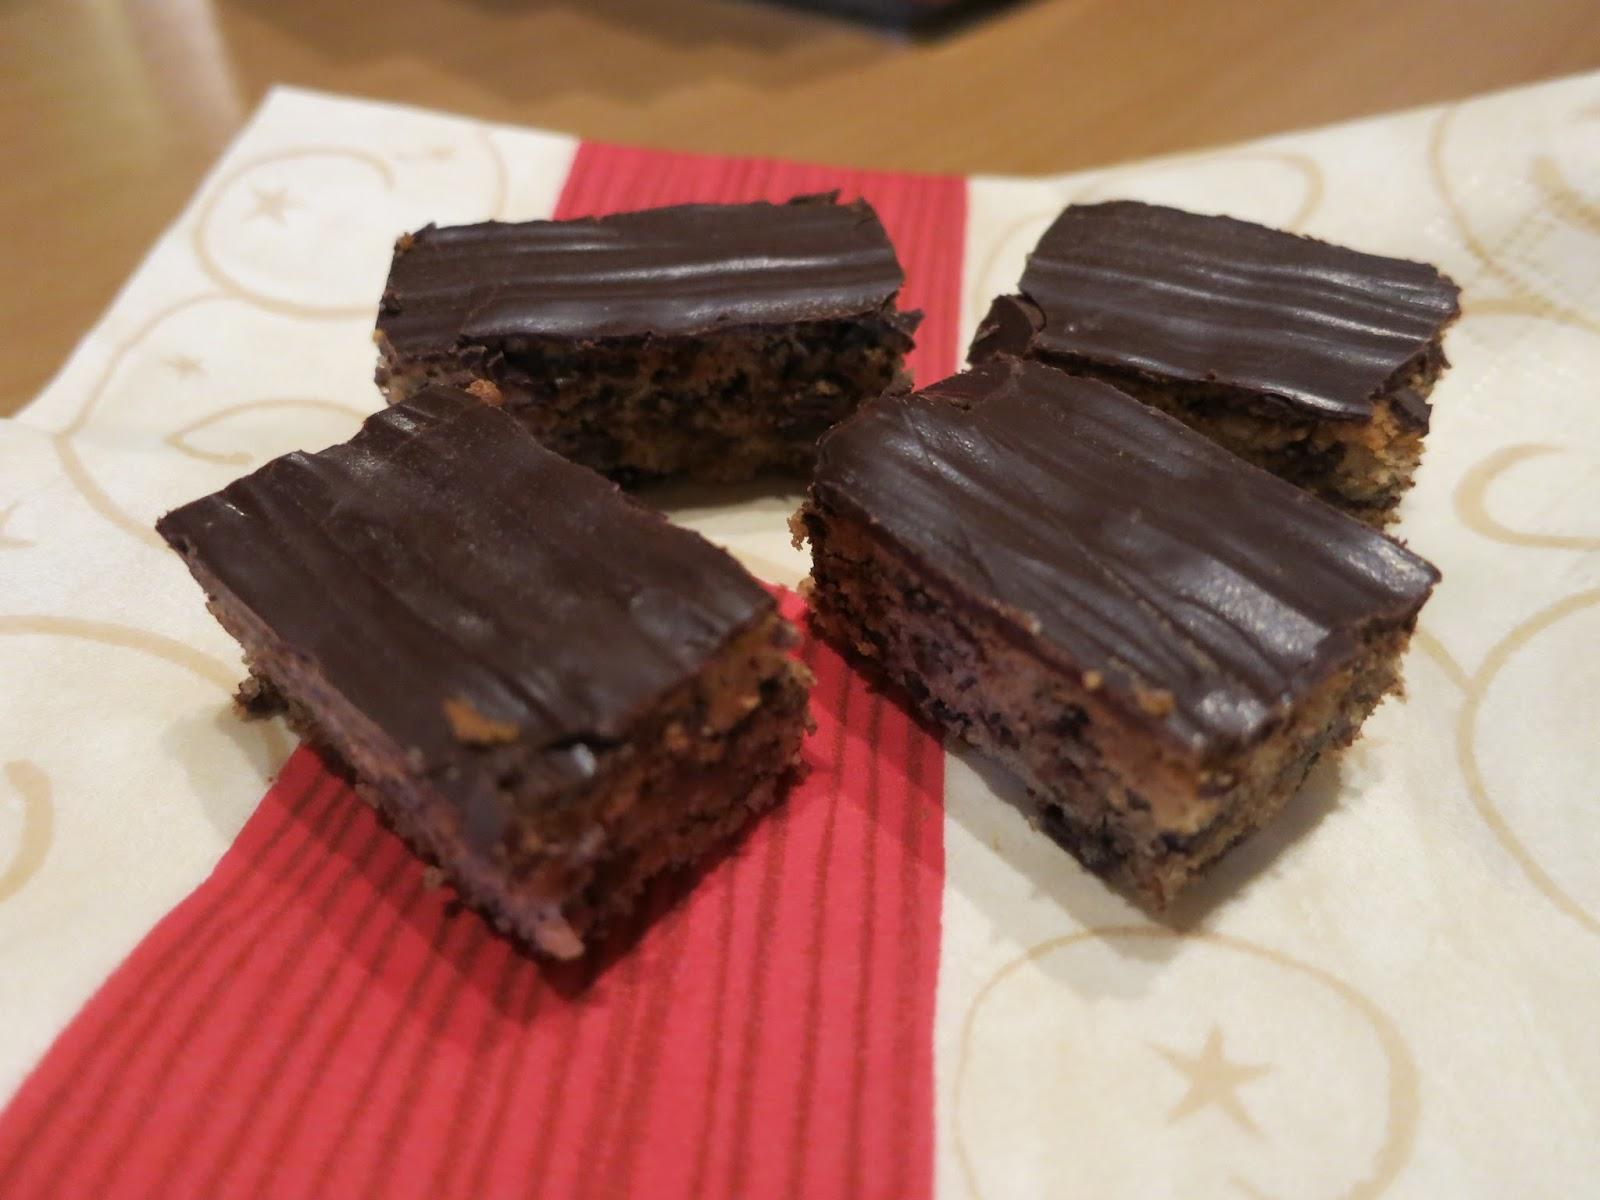 Schokoladenbrot Weihnachten.Lieblingsplatzchen Schokoladenbrot